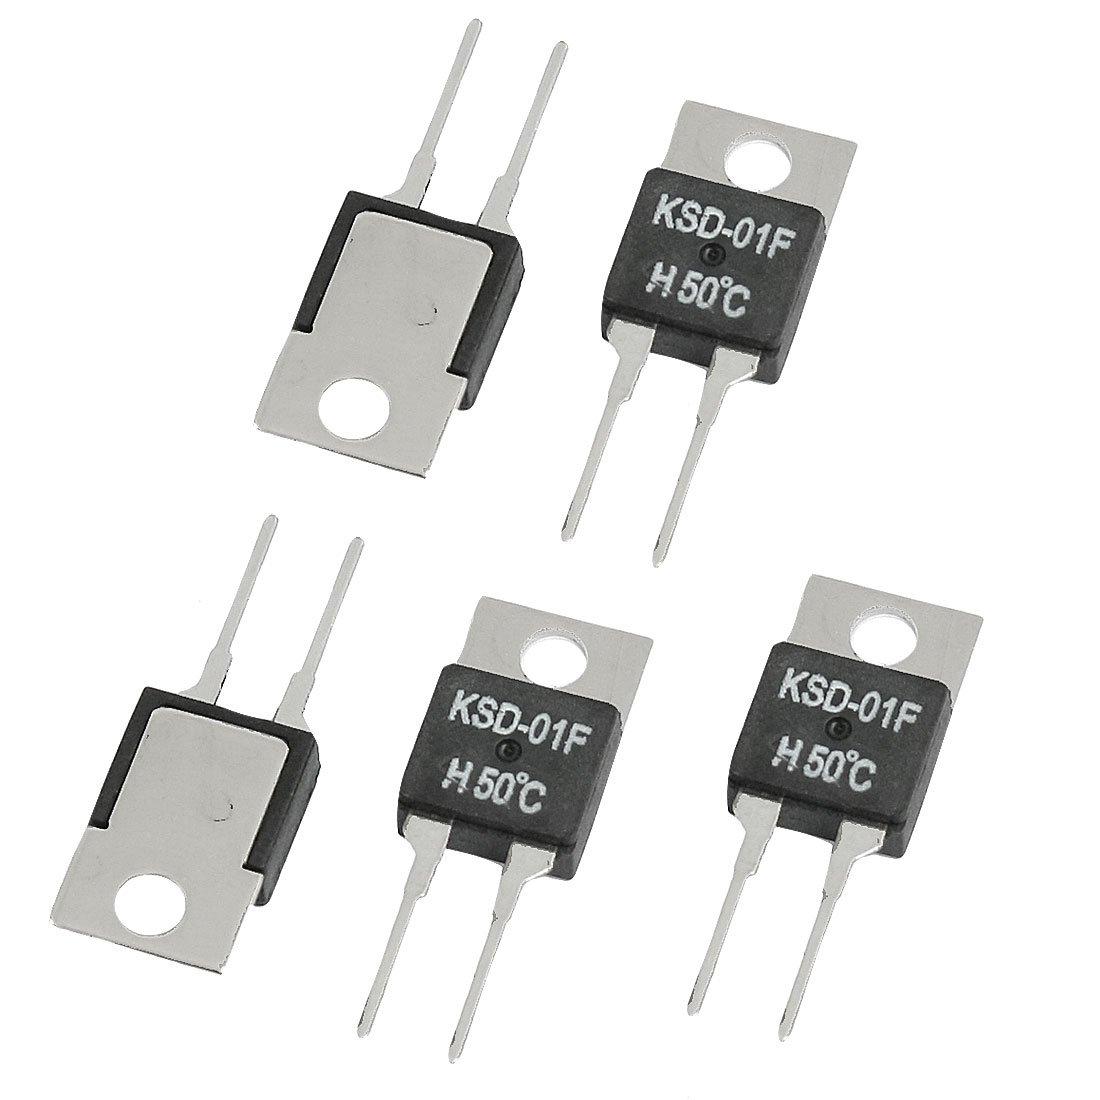 5 piezas 50 5050 Celsius sin abierto Normal KSD-01F H50C termostato Interruptor de Temperatura Sourcingmap a12070400ux0006